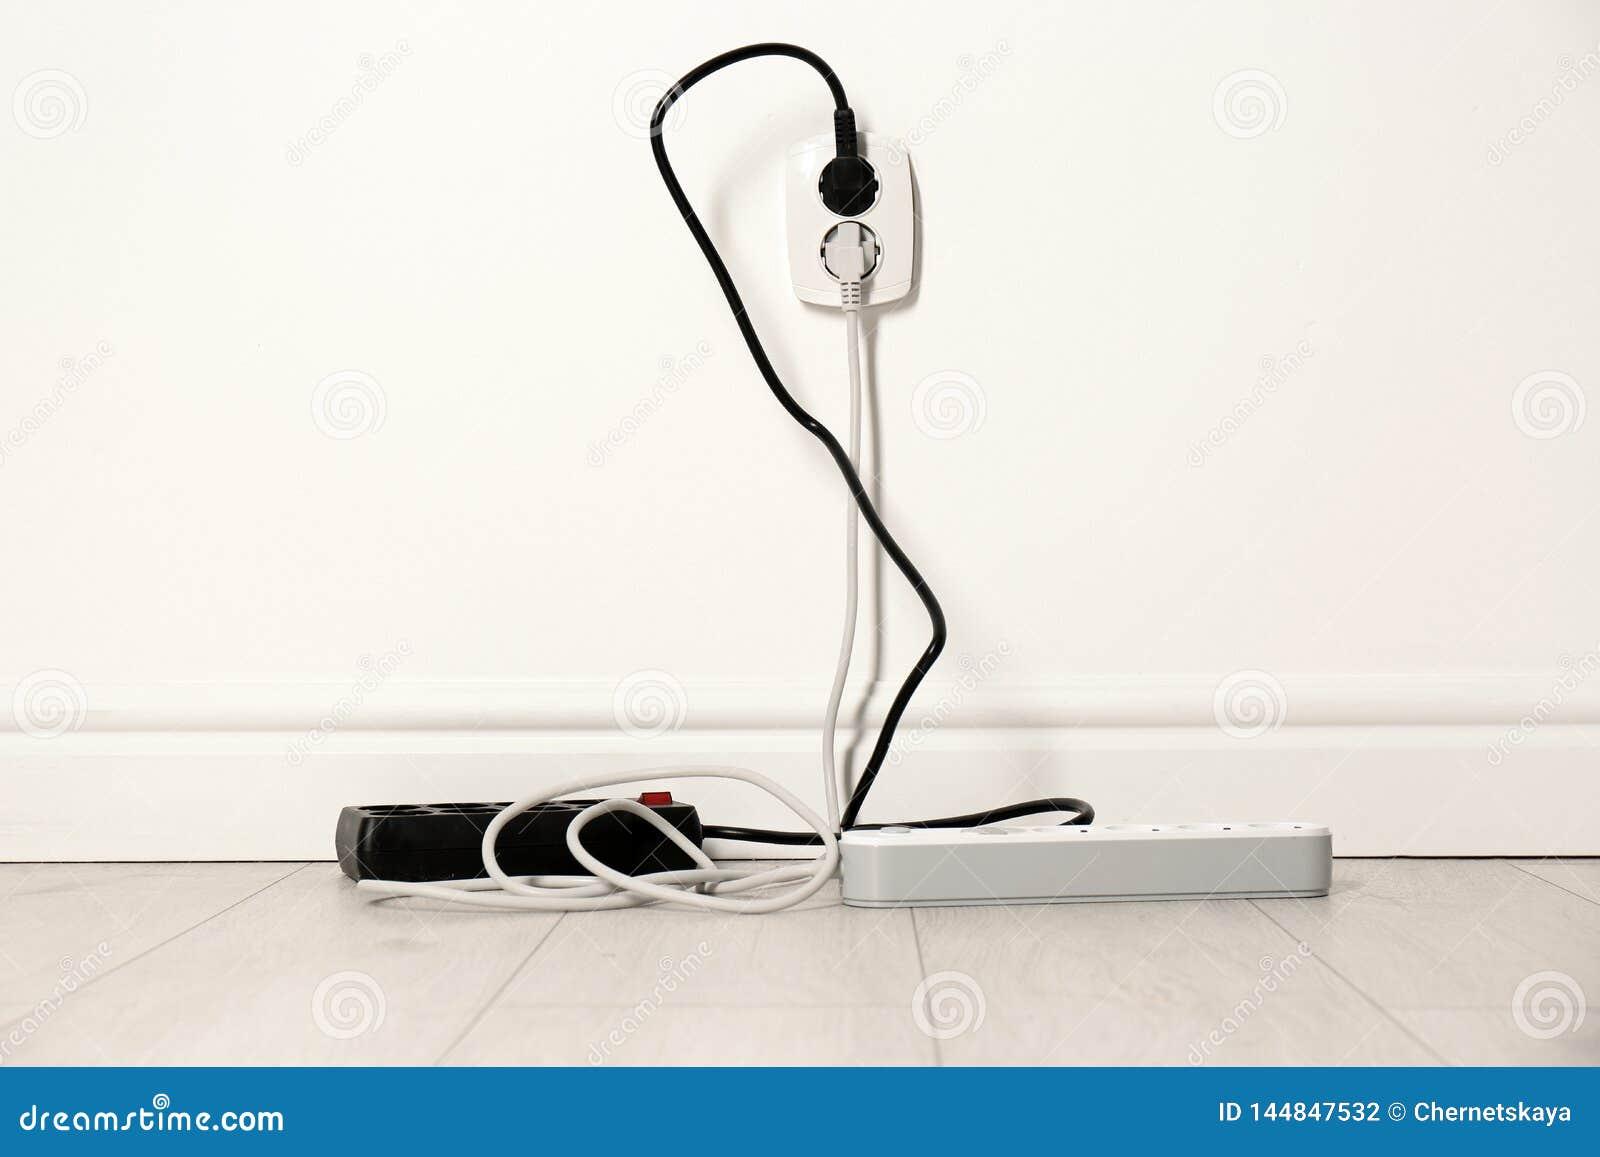 Σκοινιά επέκτασης με τα βουλώματα δύναμης στην υποδοχή Επαγγελματικός εξοπλισμός ηλεκτρολόγου